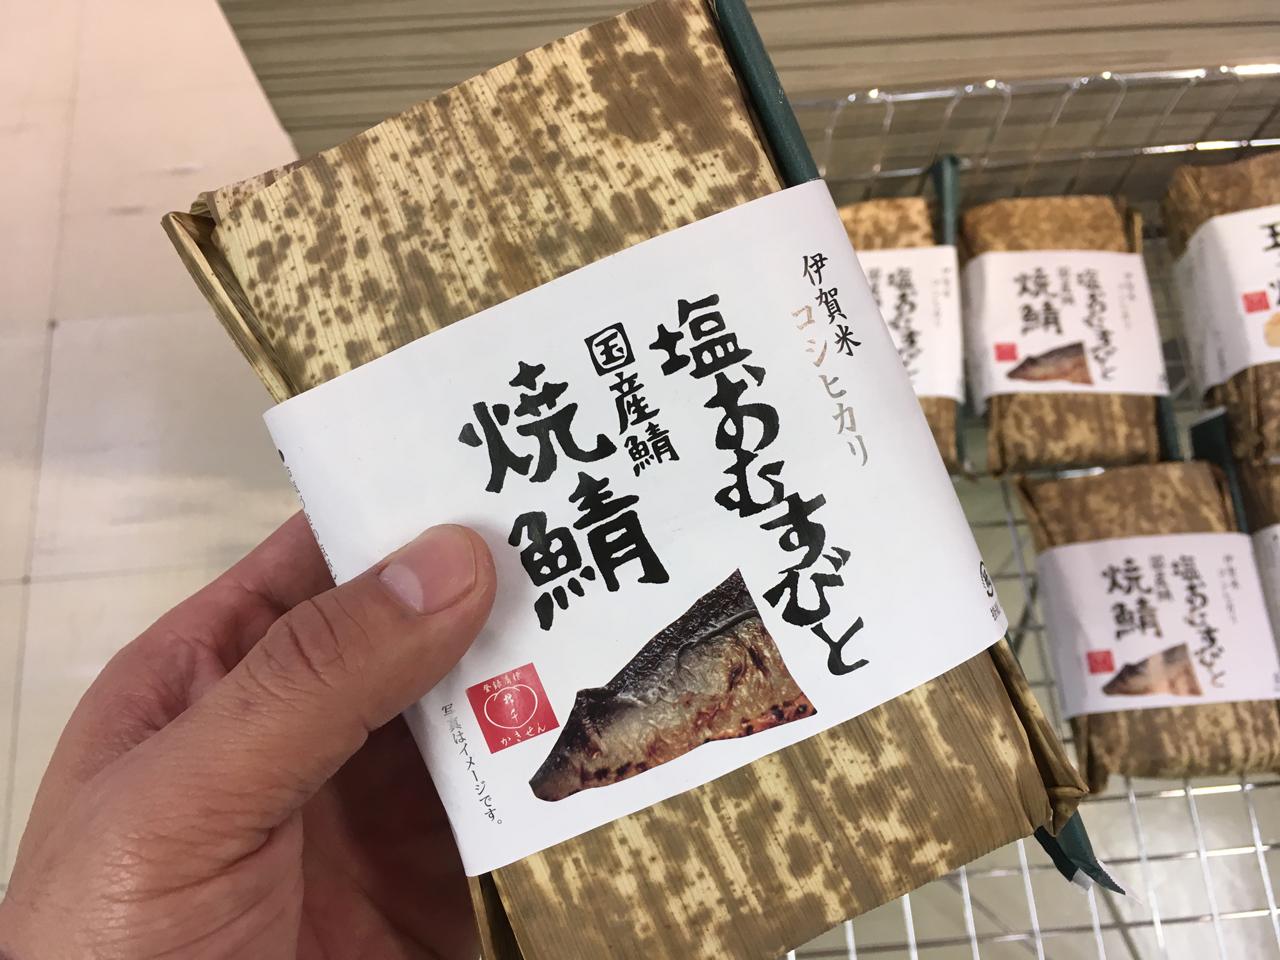 空メシはこれにしよう!【塩おむすびと焼鯖】大阪国際空港から羽田空港へのフライト